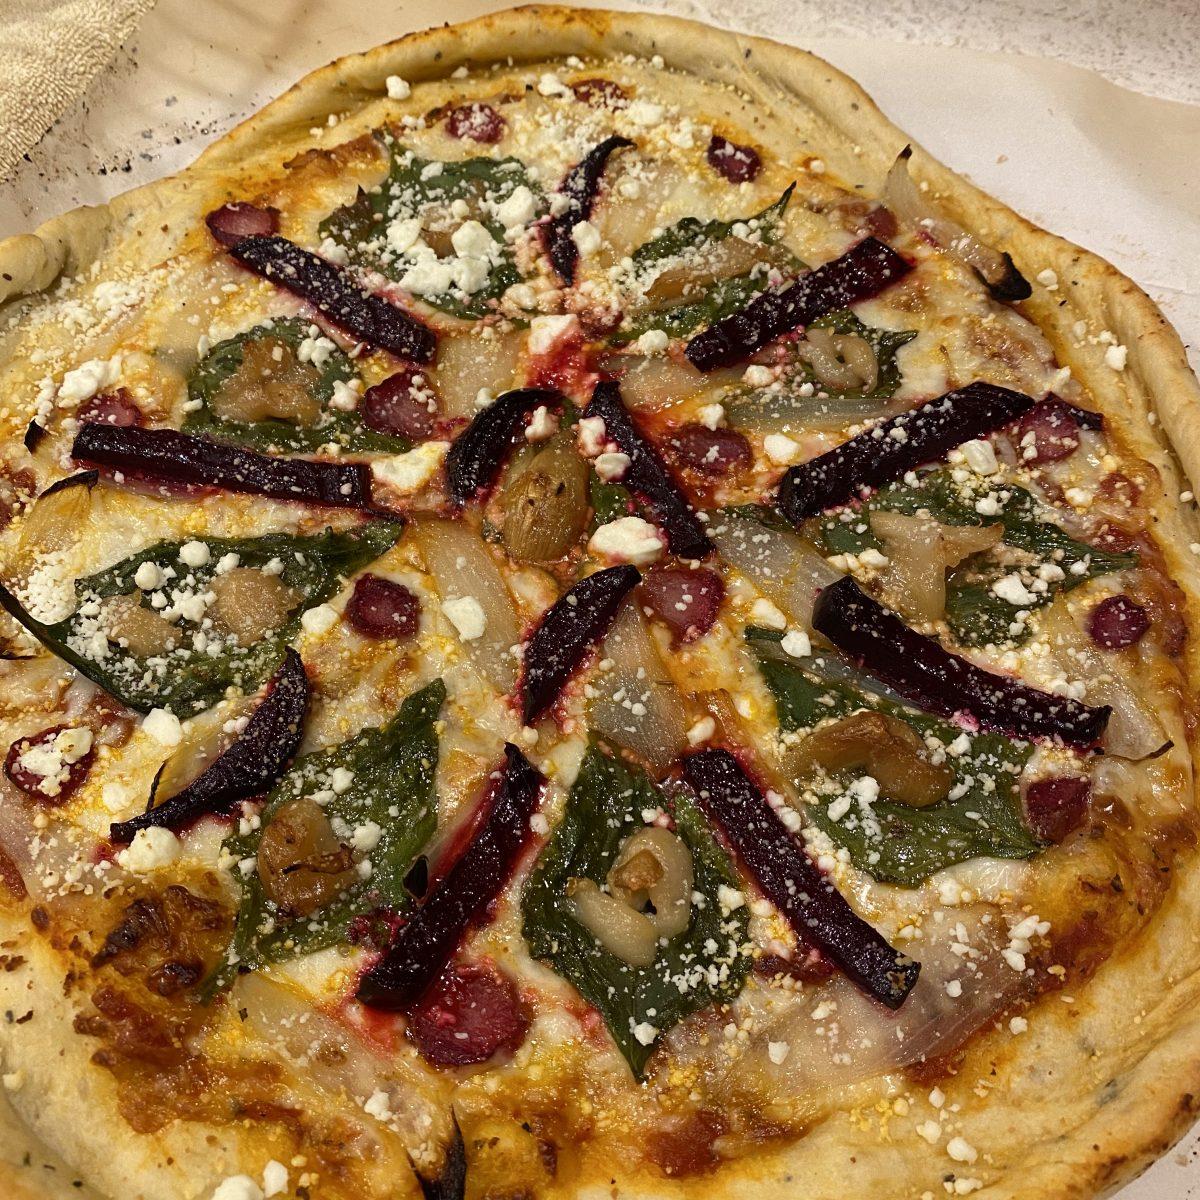 McGeeza's Beetza Pizza